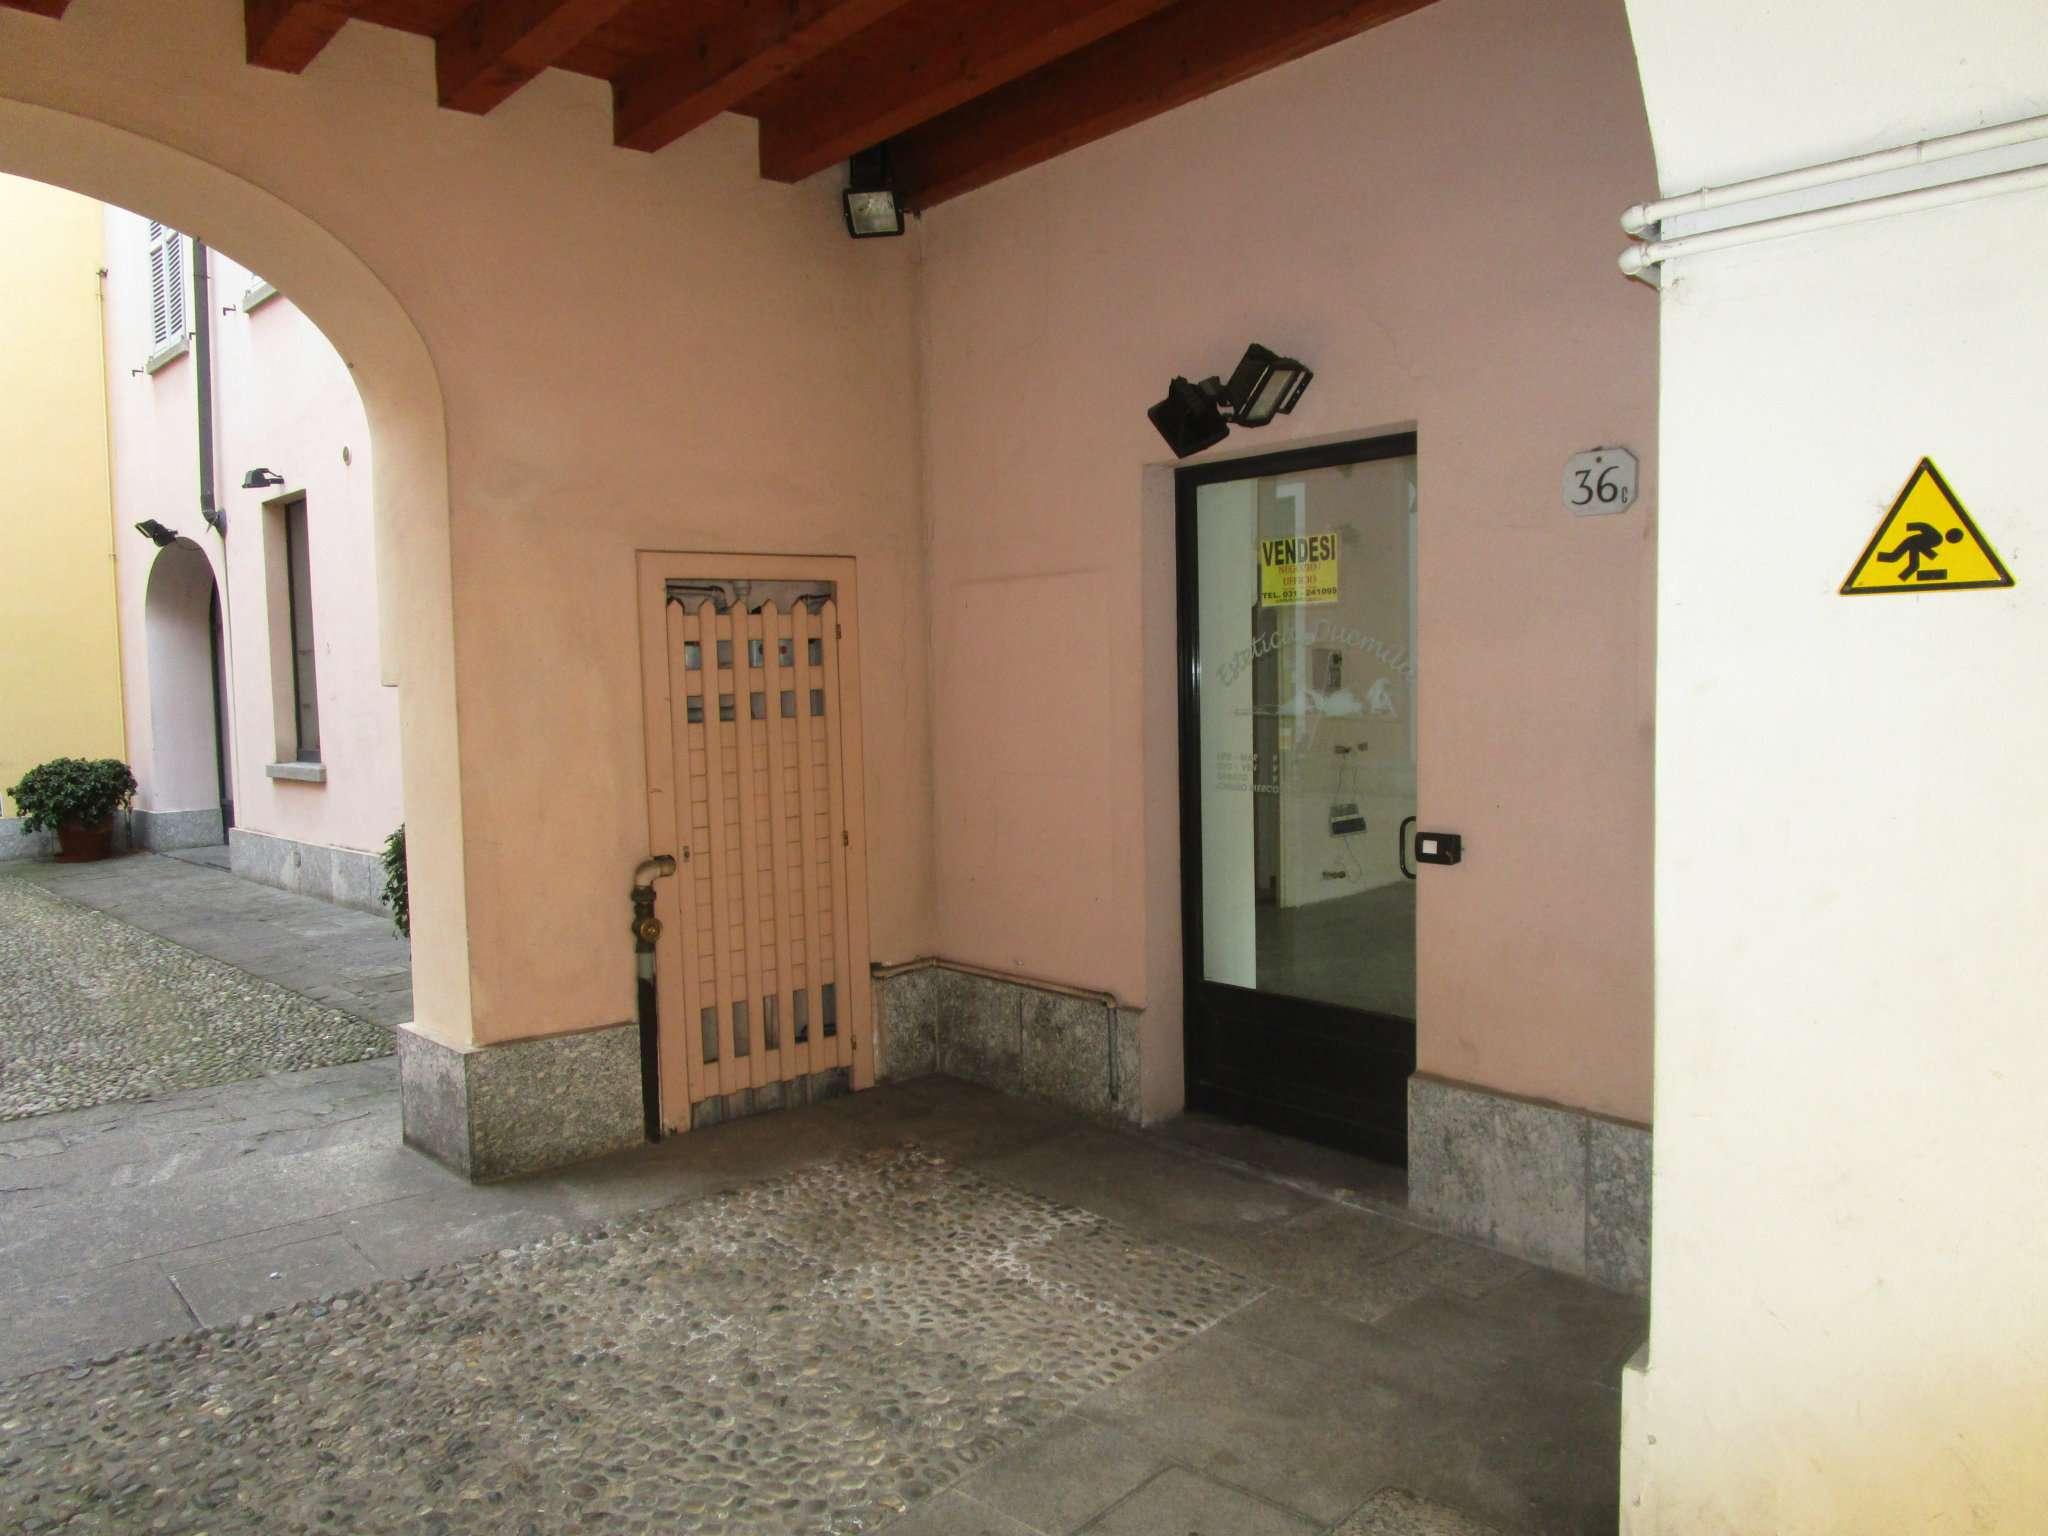 Negozio / Locale in affitto a Como, 1 locali, zona Zona: 1 . Centro - Centro Storico, prezzo € 800 | CambioCasa.it